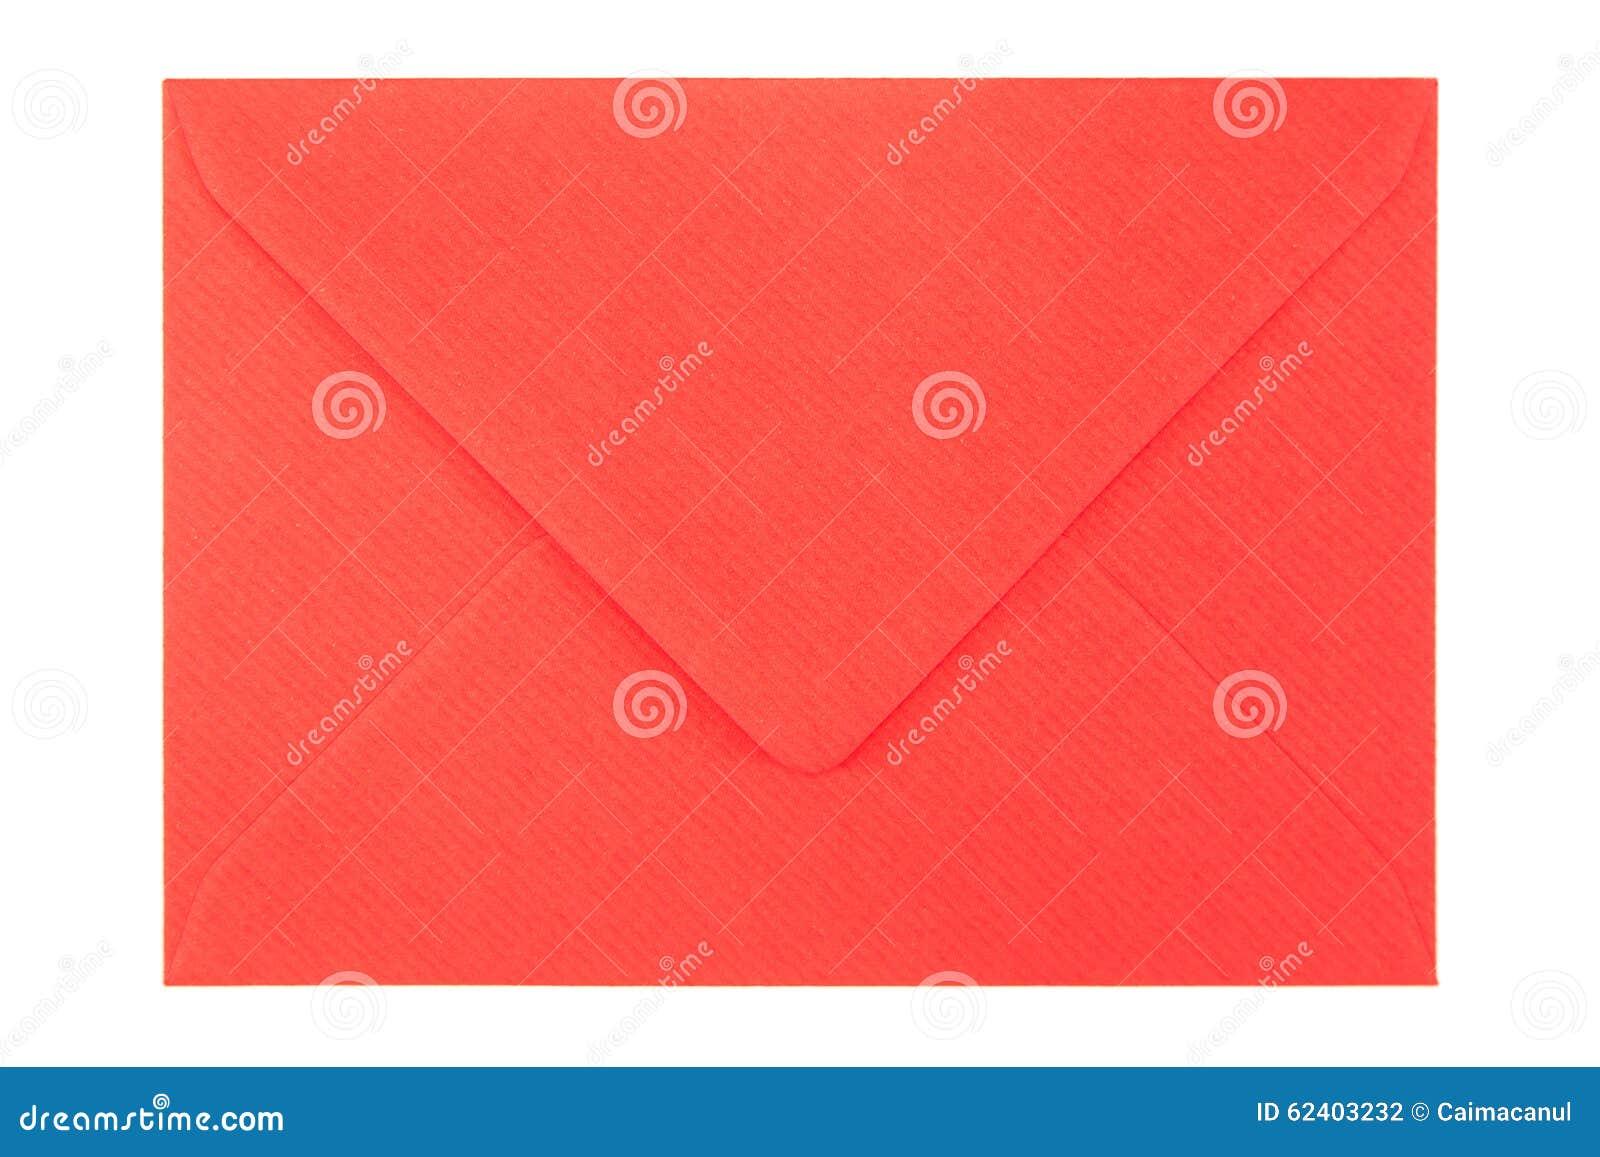 1c59abd7c57 Geschlossener roter Umschlag lokalisiert auf weißem Hintergrund